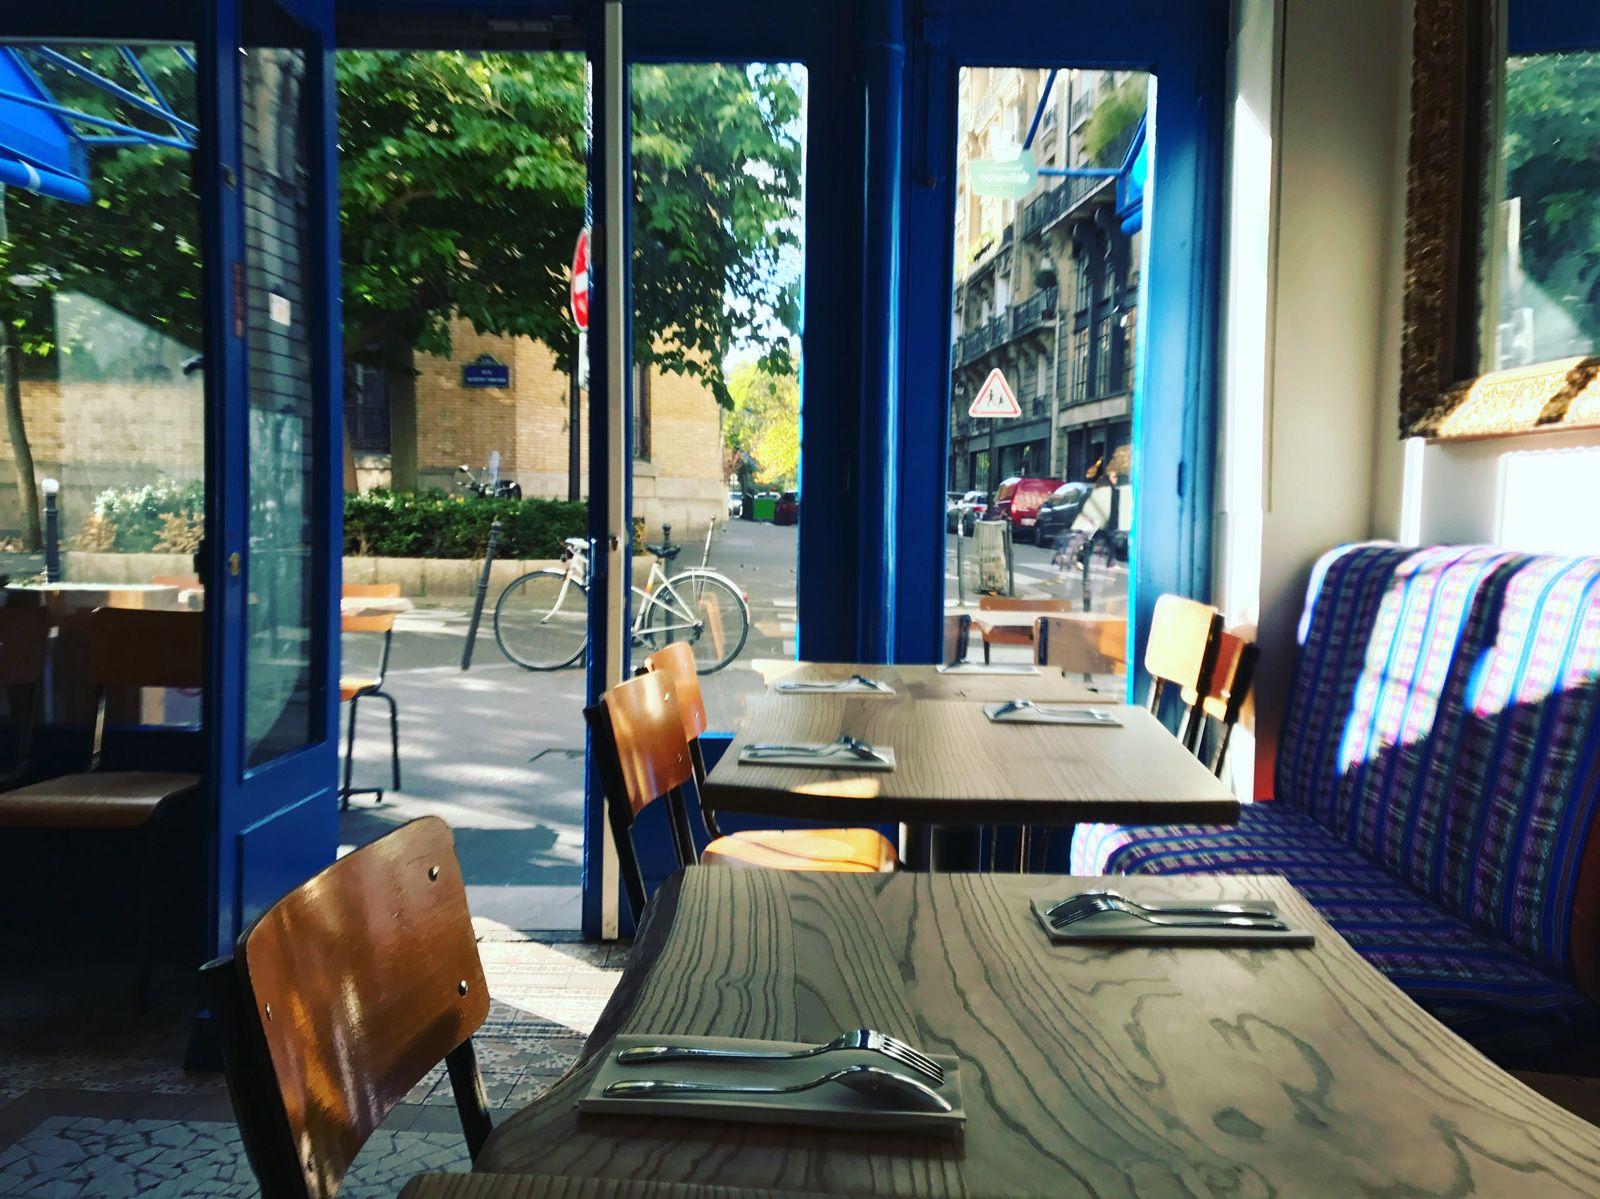 Mancora Cebicheria 16 Rue Dupetit Thouars 75003 Paris Avec Images Tour De France Proverbe Francais